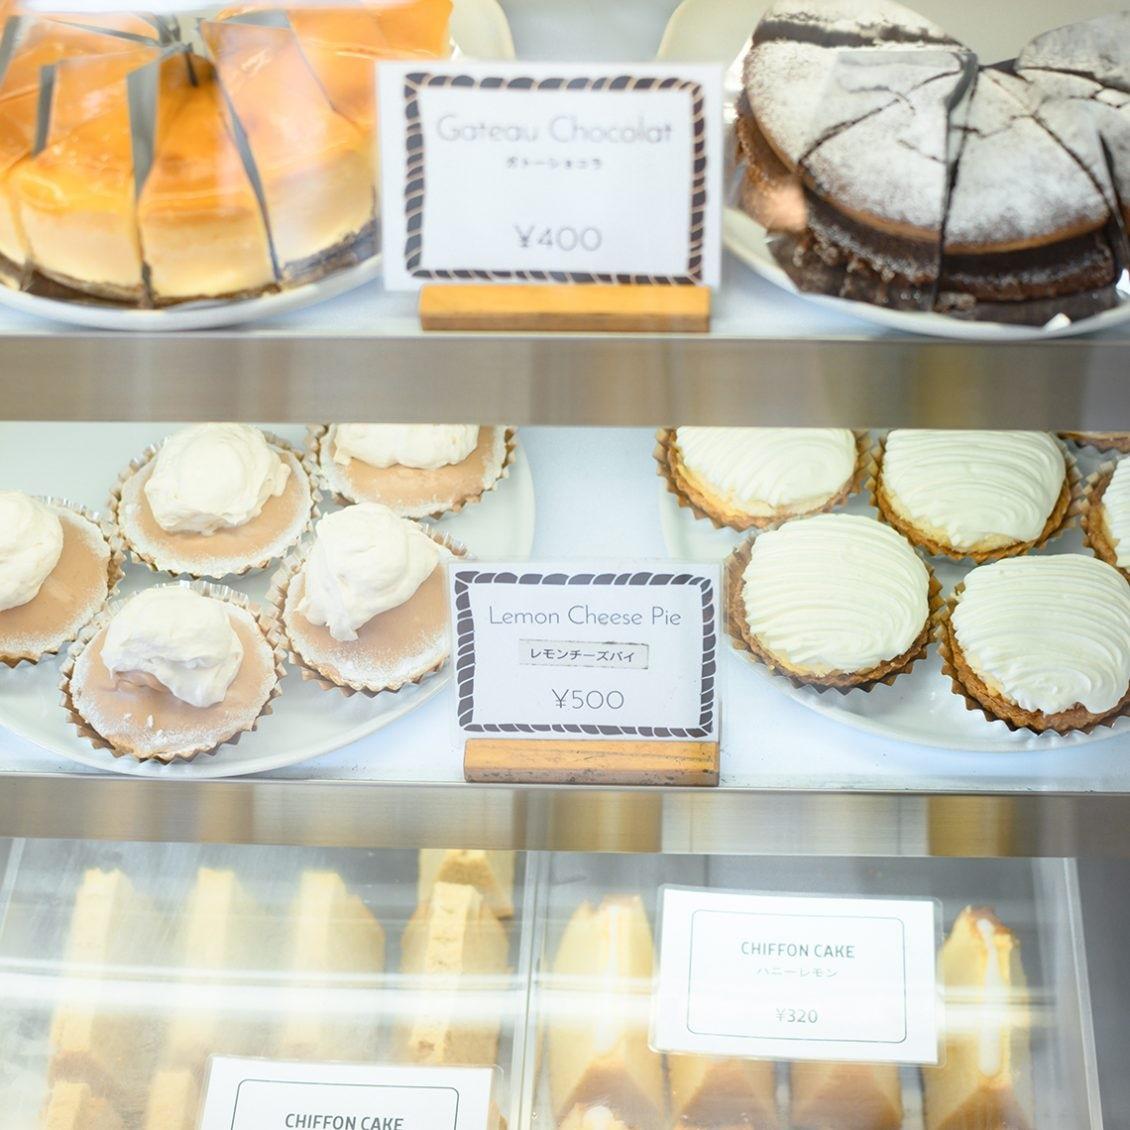 【ケーキ屋の親子】第3話:ちょっと遠いケーキ屋に、わざわざ行きたくなる理由